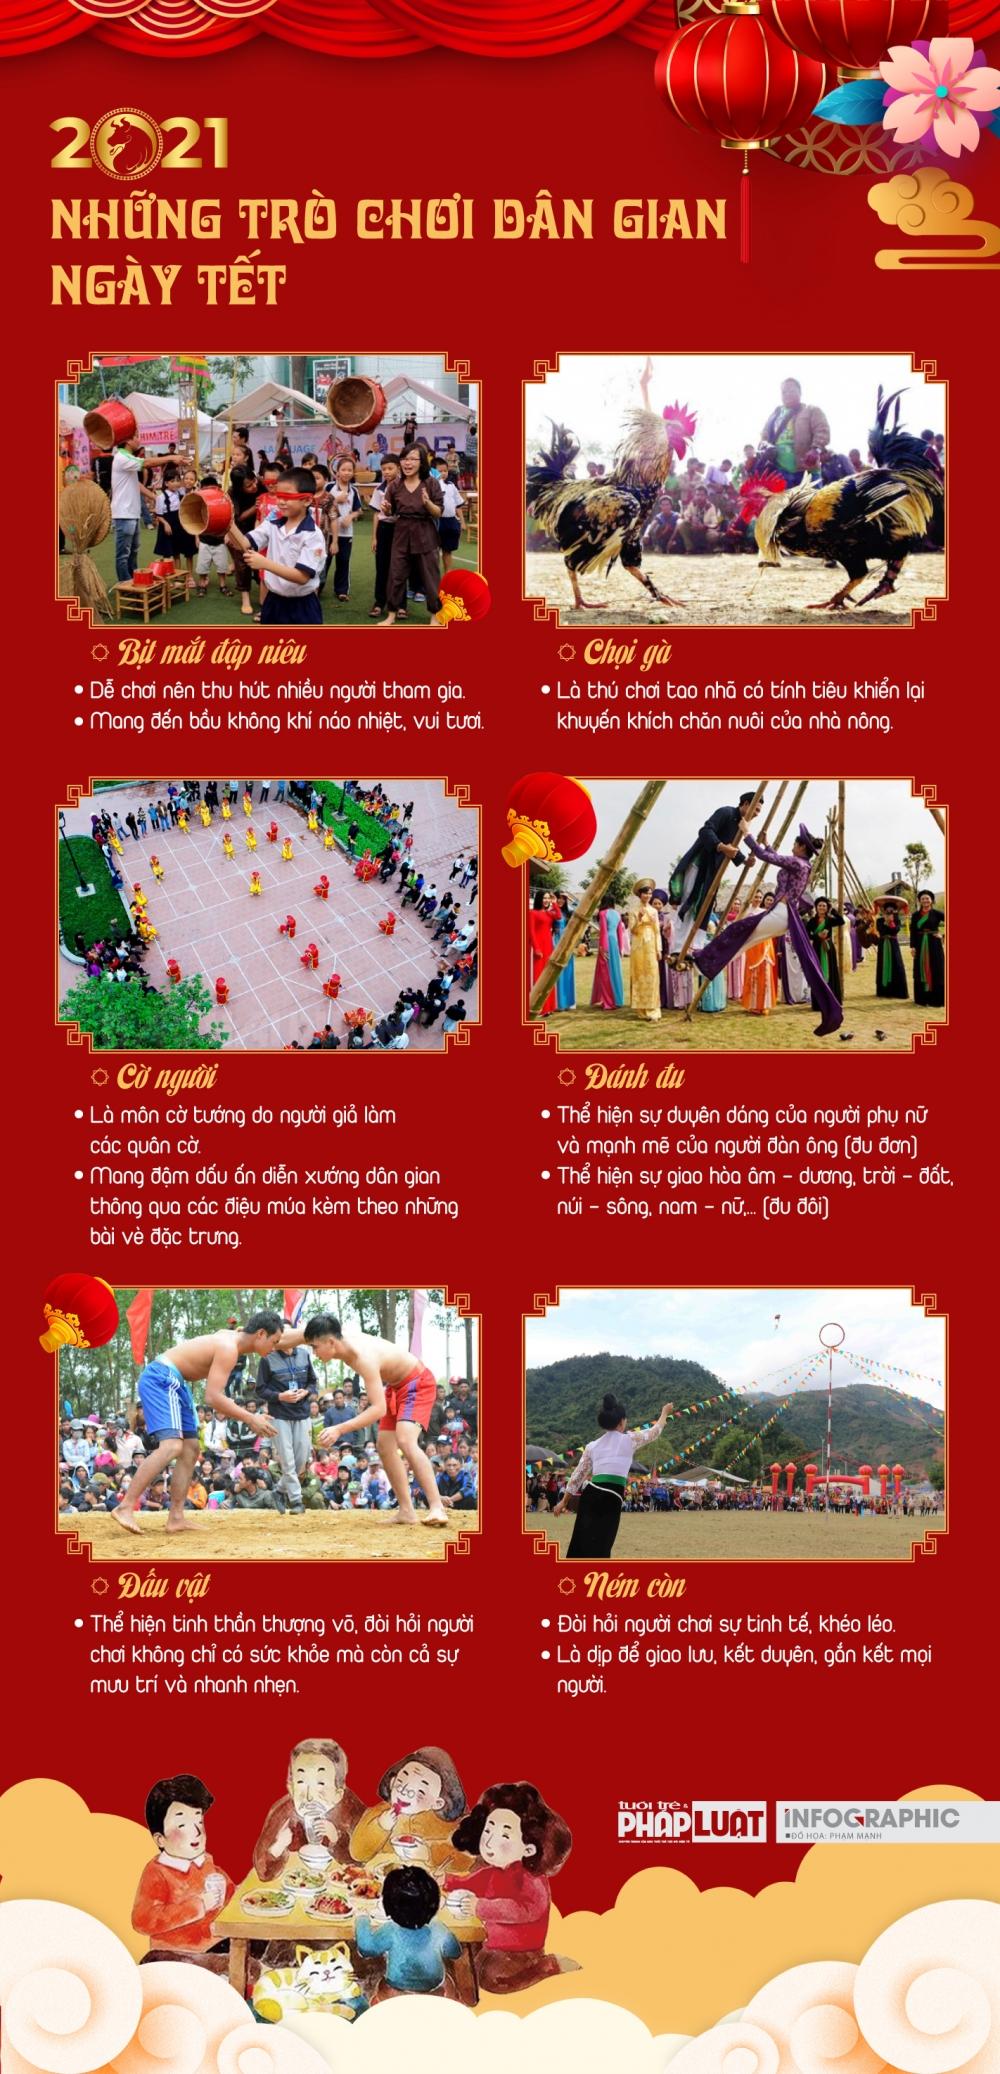 Những trò chơi dân gian ngày Tết cổ truyền